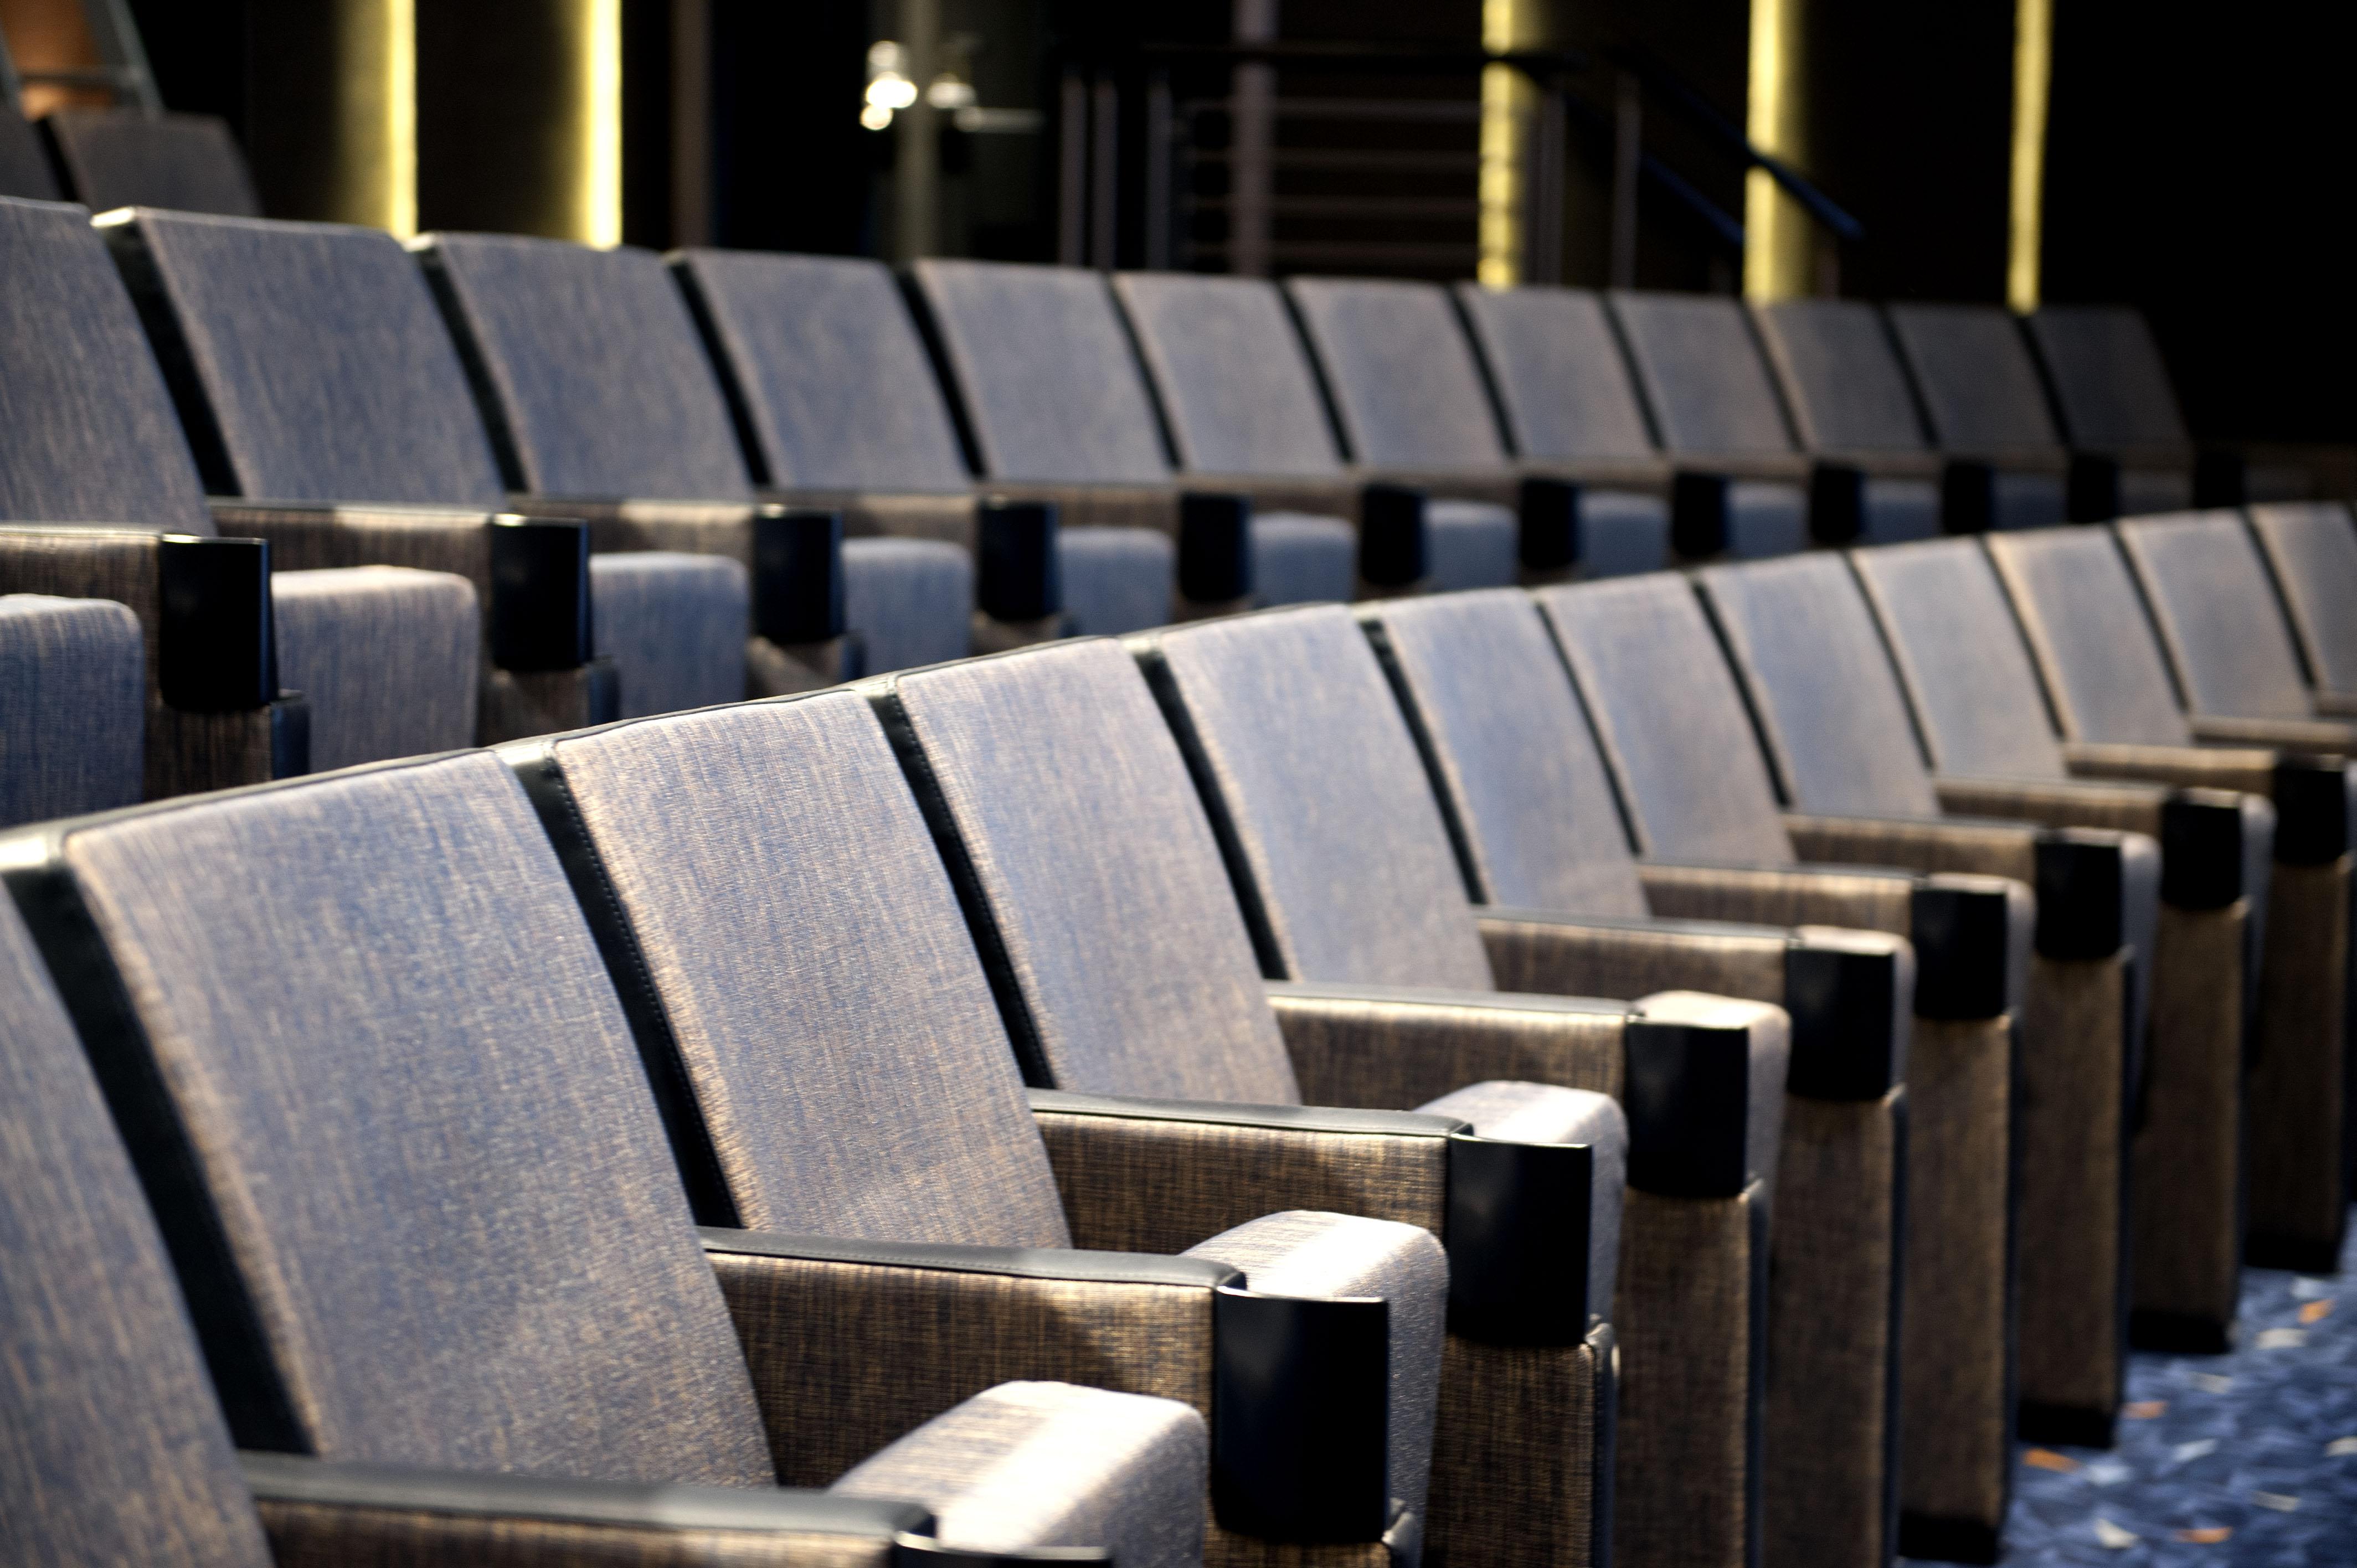 P&O Cruises Britannia Interior Theatre Nd39472.jpg